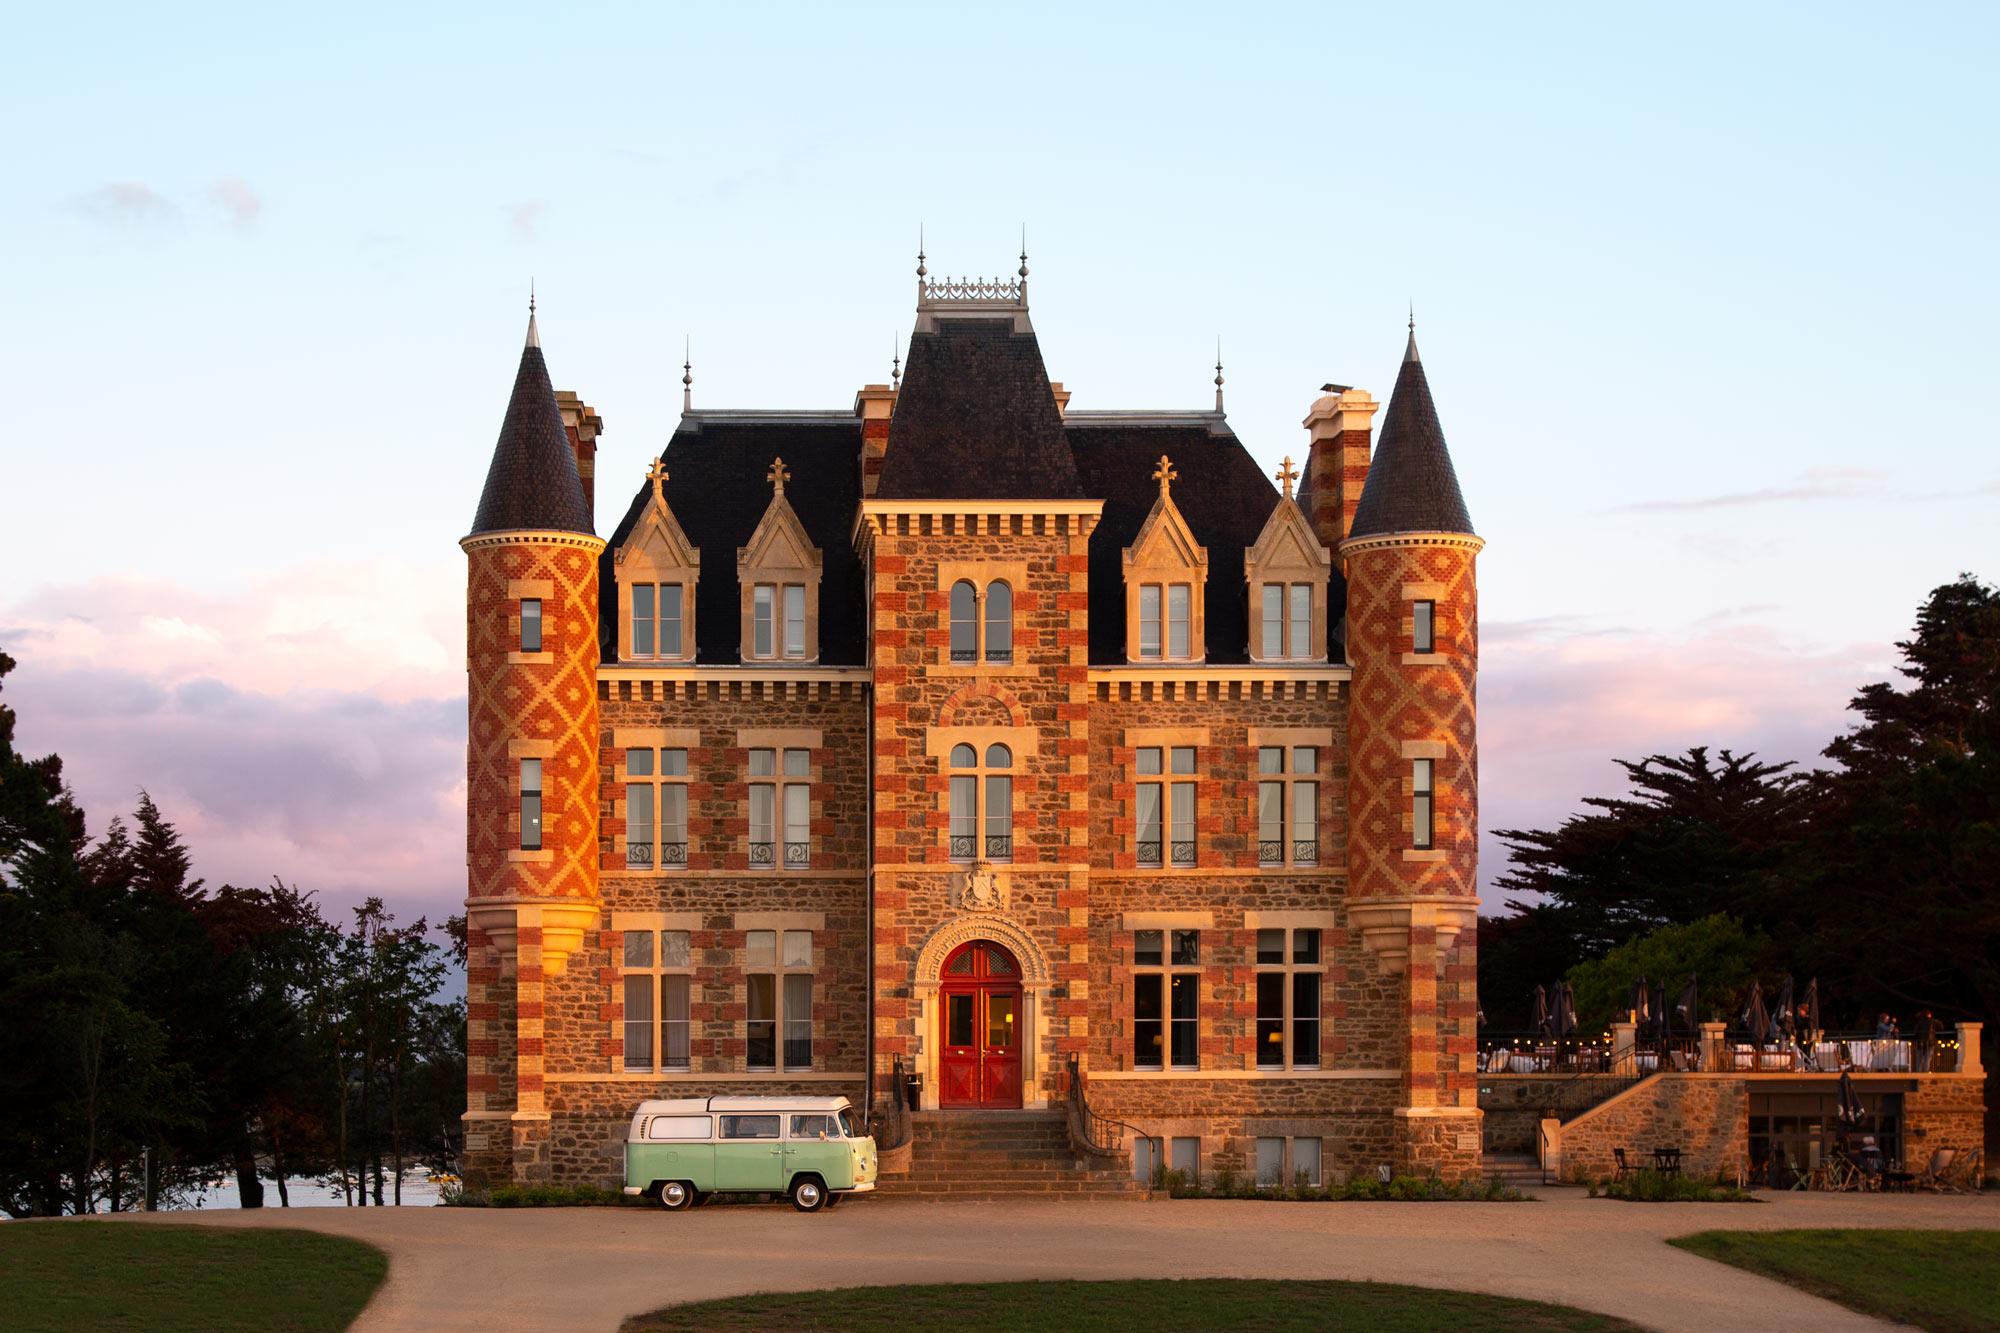 Schloss Le Nessay, Frankreich. Hotelfotografie von Adrian Kilchherr ; Architekturfotograf in Europa.